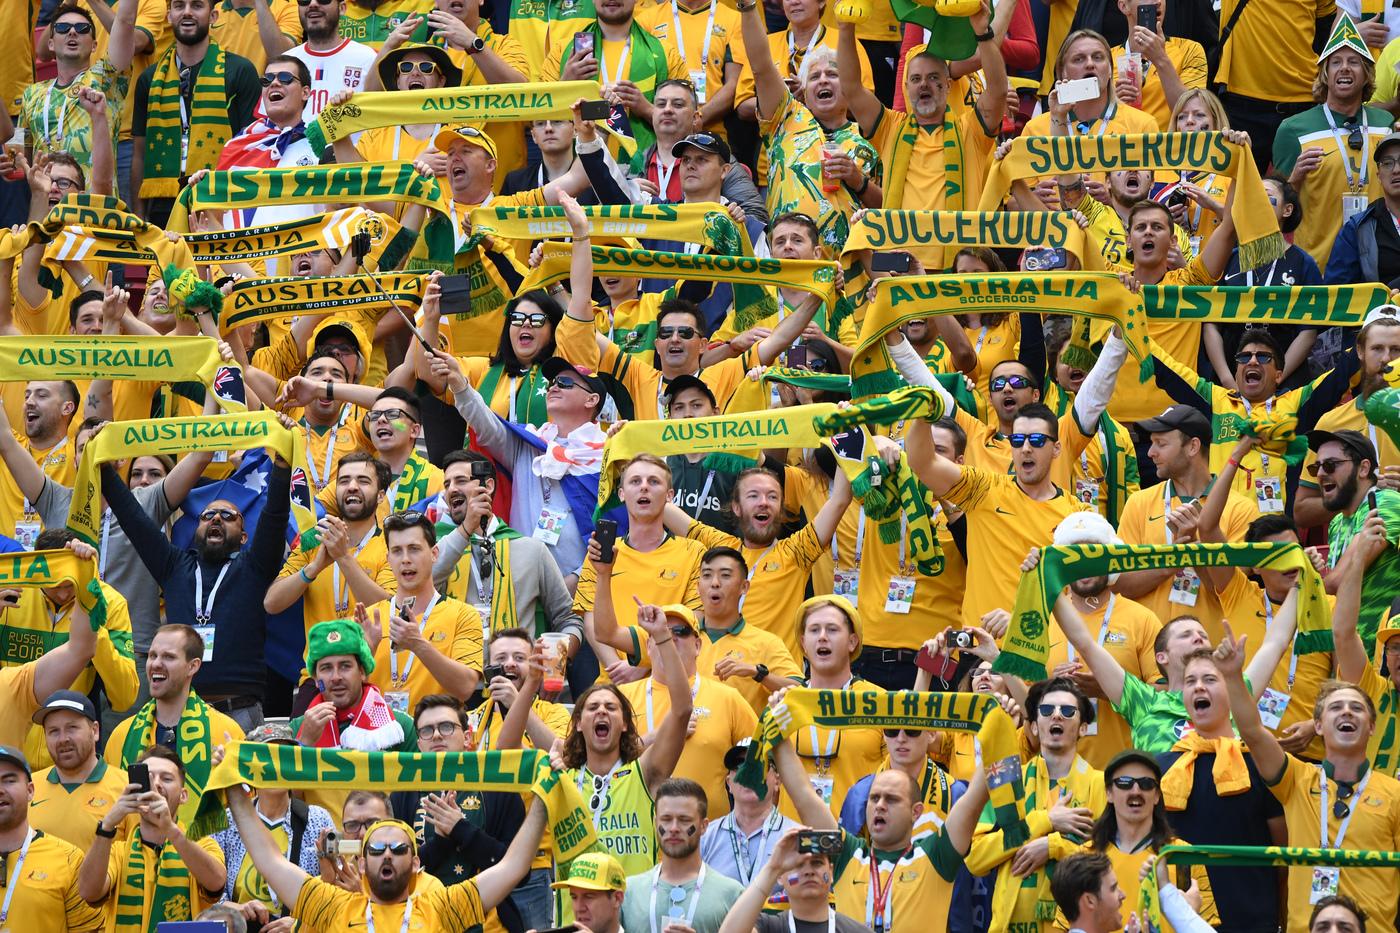 NPL South Australian, Blue Eagles-Para lunedì 18 marzo: analisi e pronostico della quarta giornata del torneo austtraliano